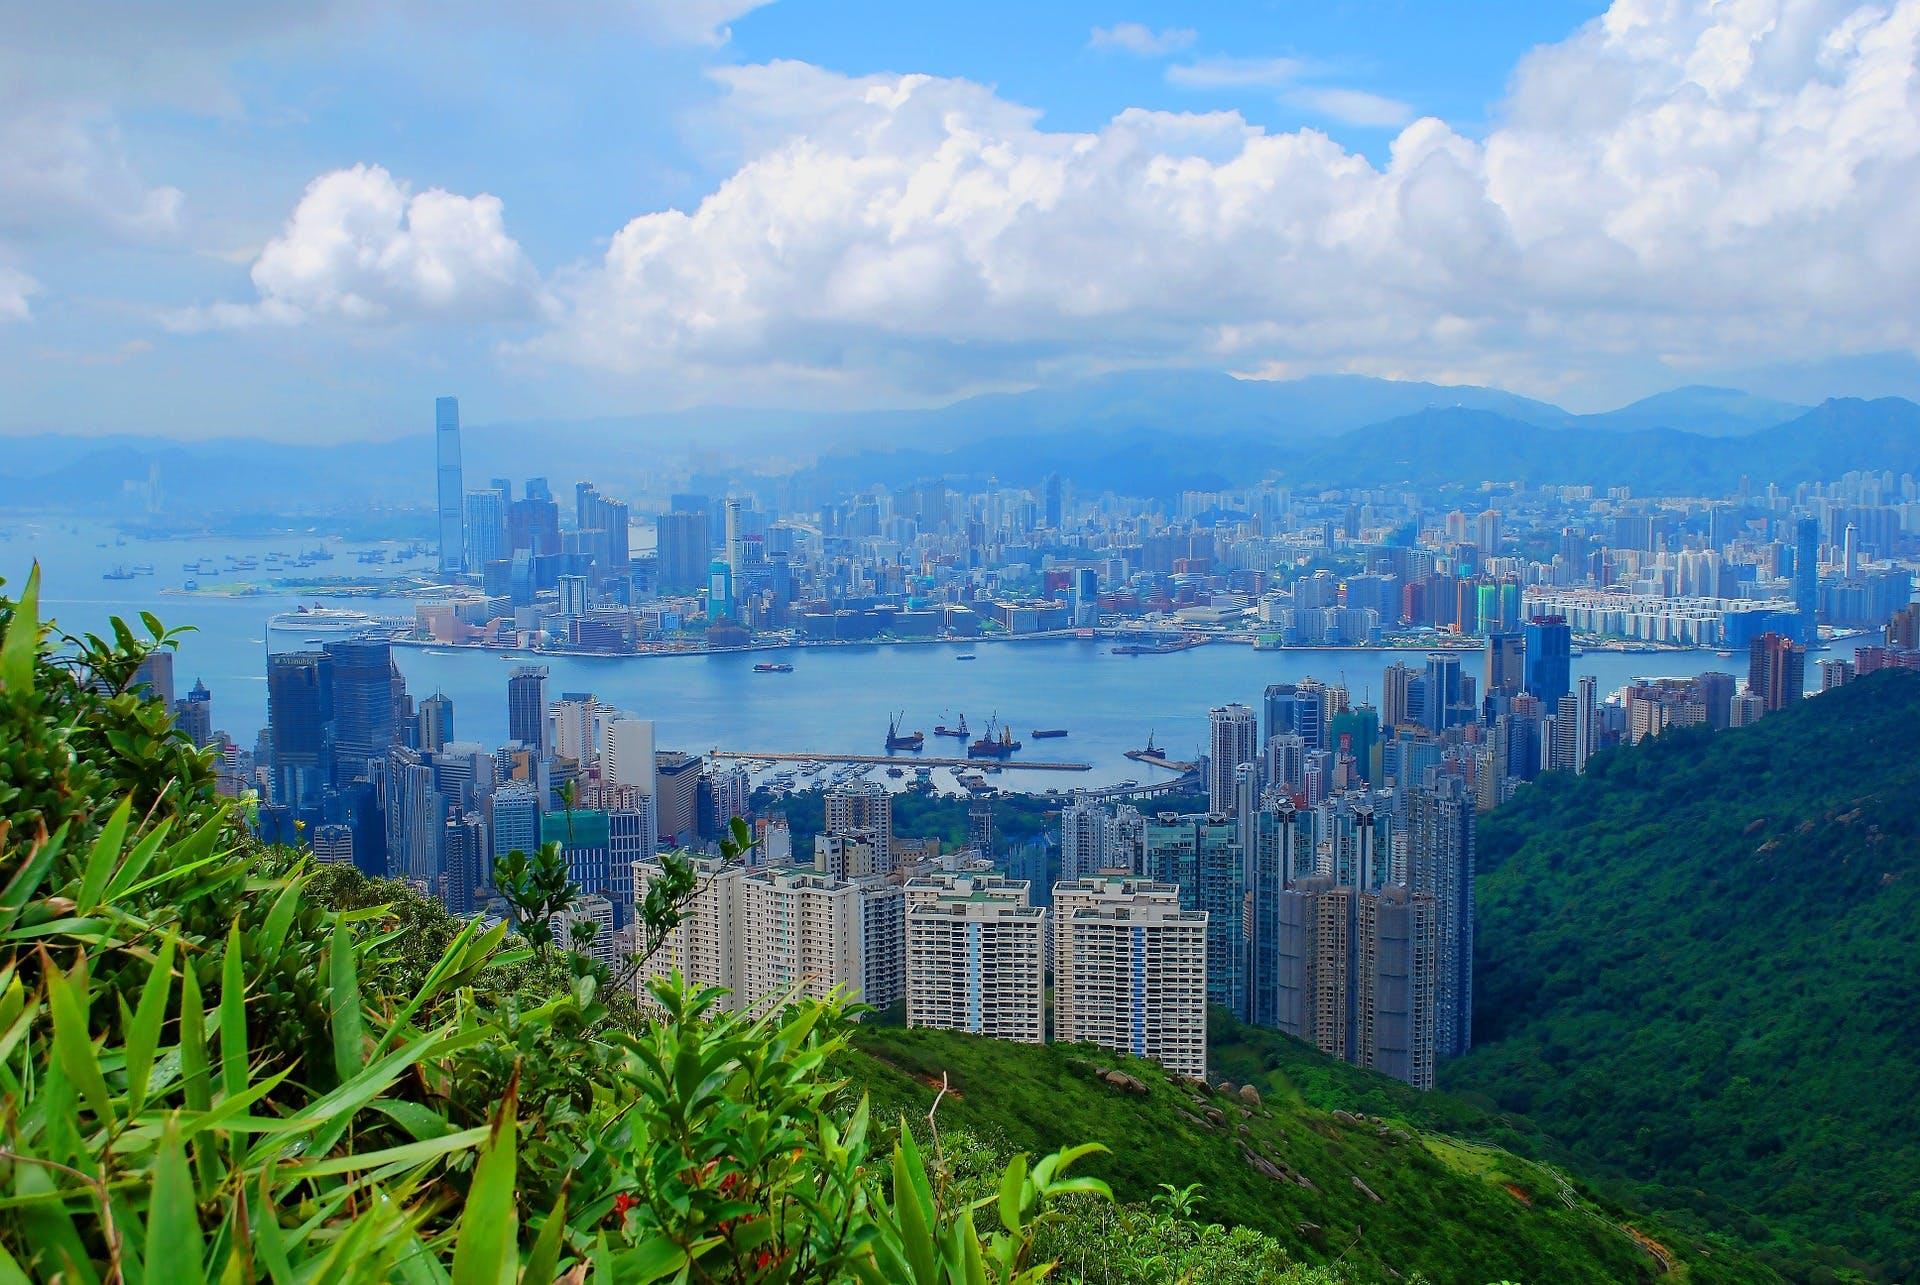 Hong Kong, photo by Pixabay